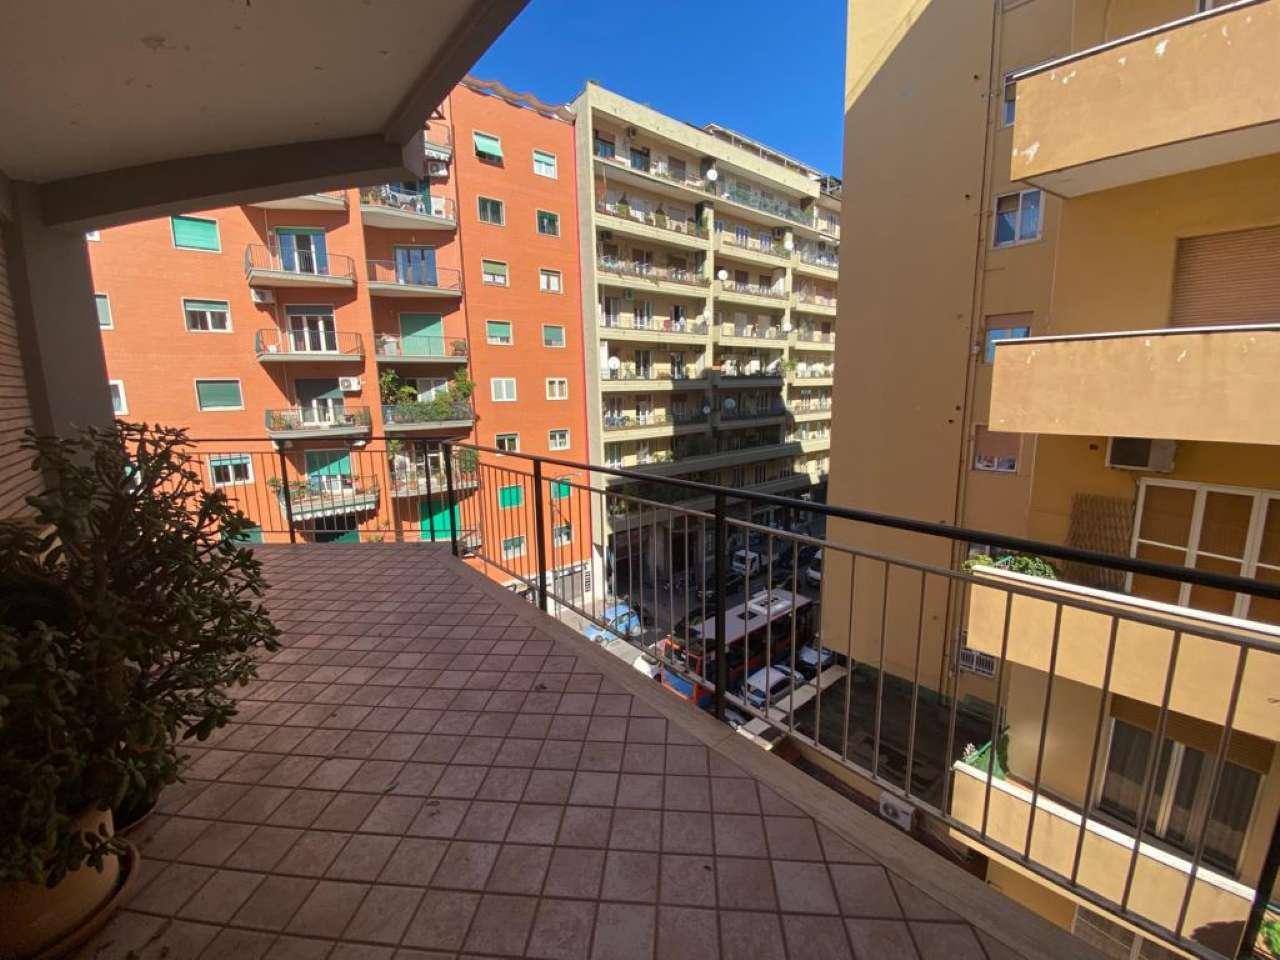 Appartamento, Via Francesco Cilea, Zona Vomero, Napoli, foto 14